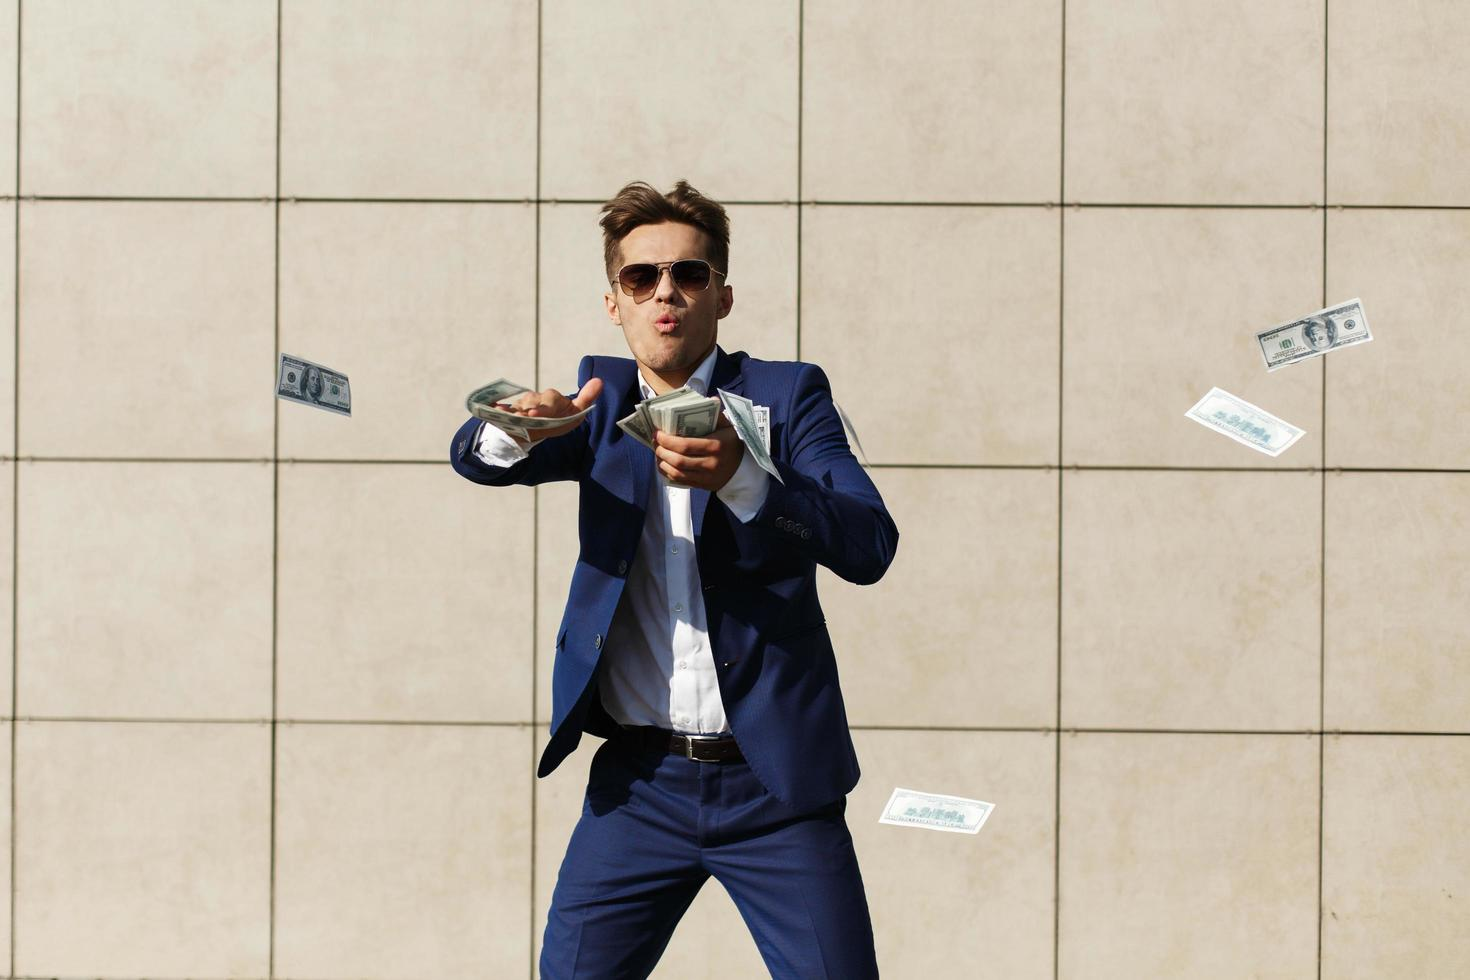 homme jetant de l & # 39; argent dans la rue photo